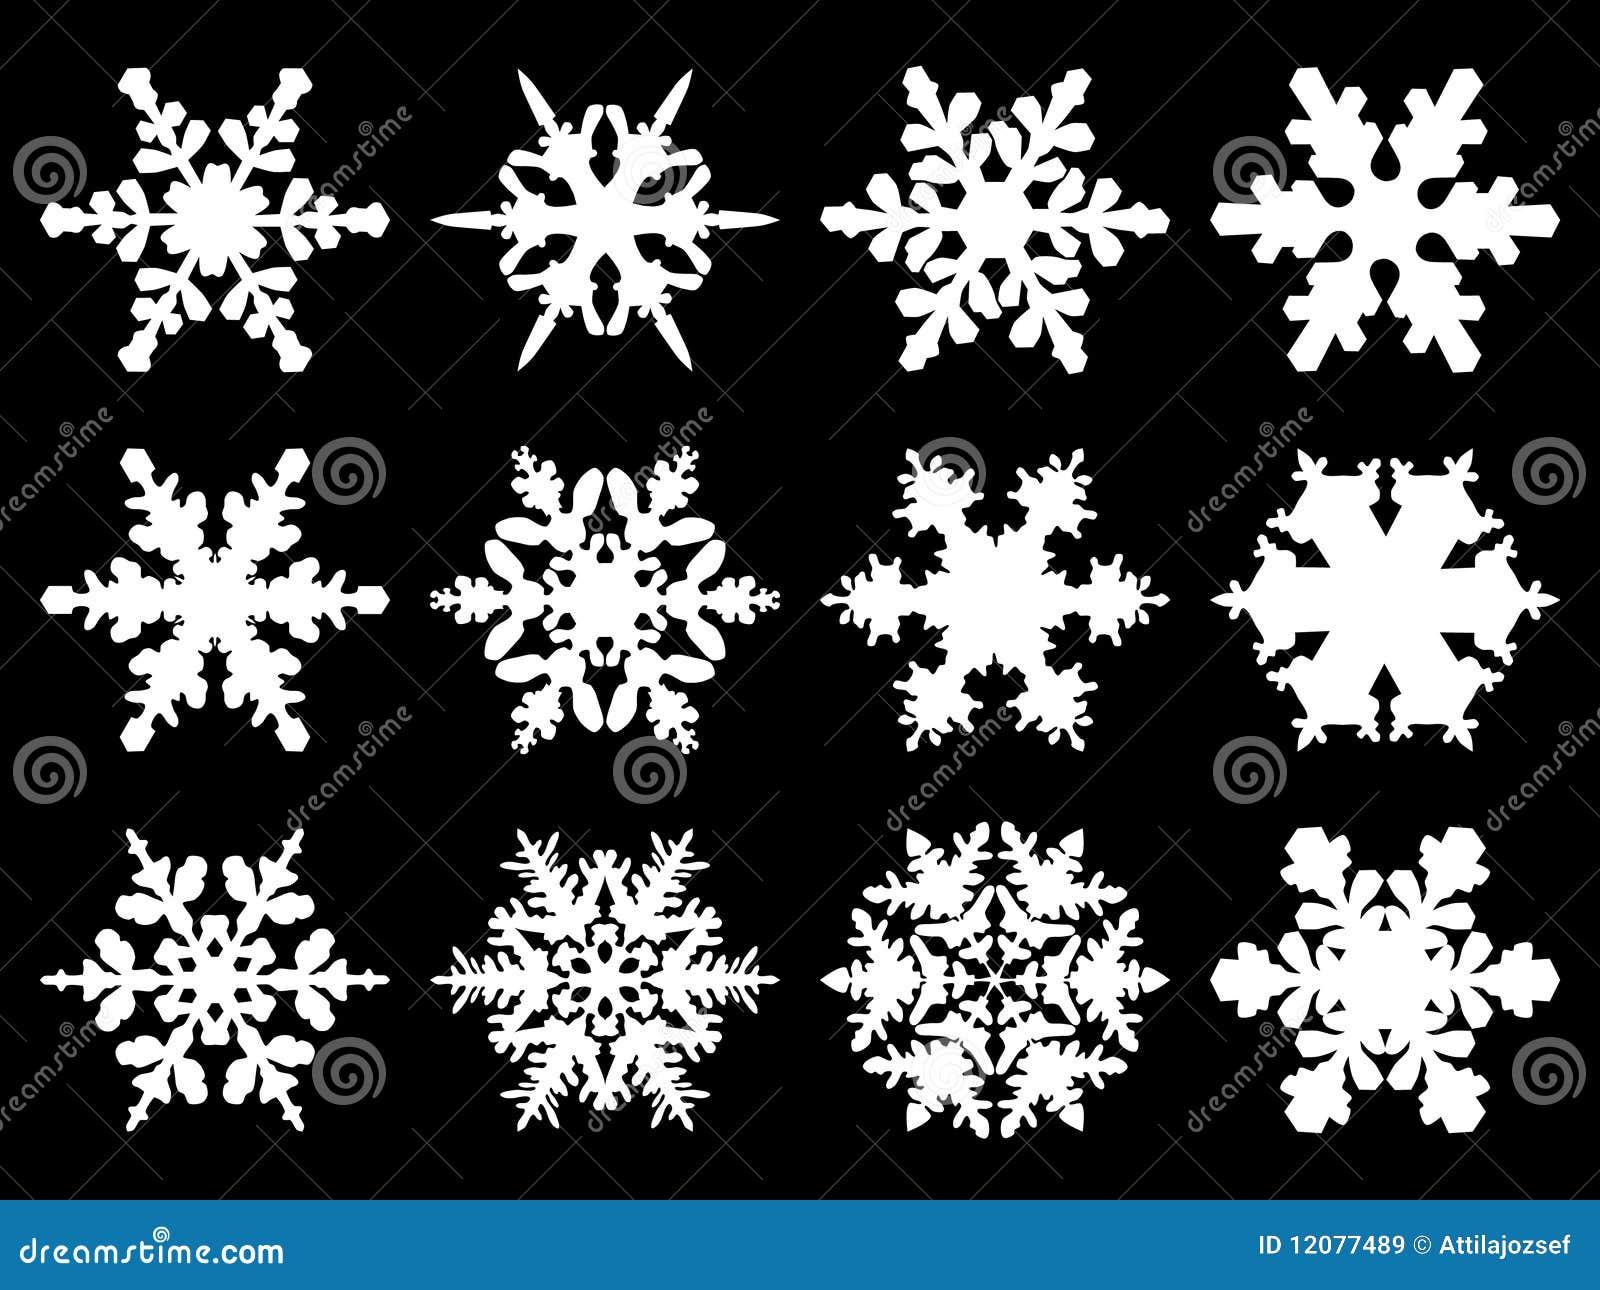 schneeflocken vektor abbildung bild von januar ikone. Black Bedroom Furniture Sets. Home Design Ideas